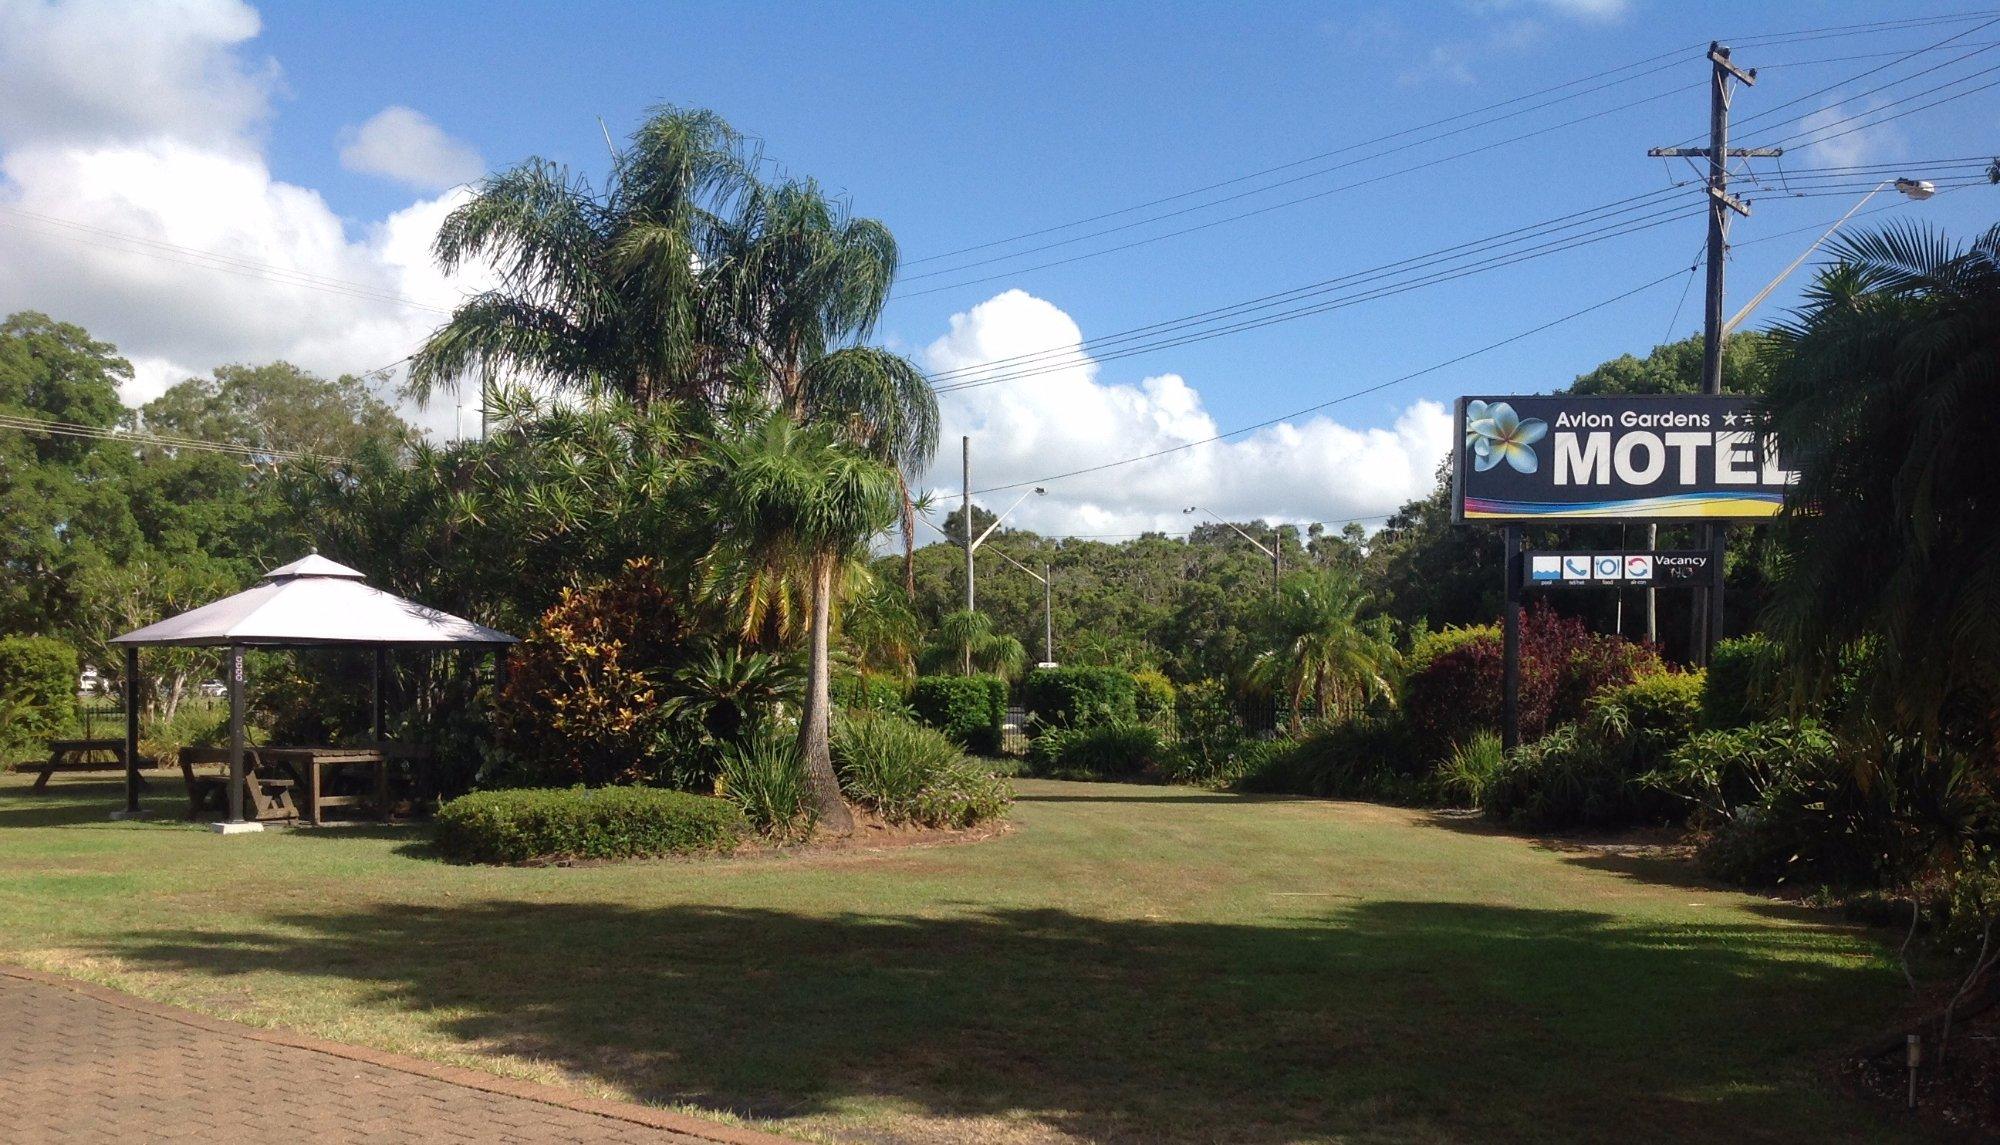 Avlon Gardens Motel